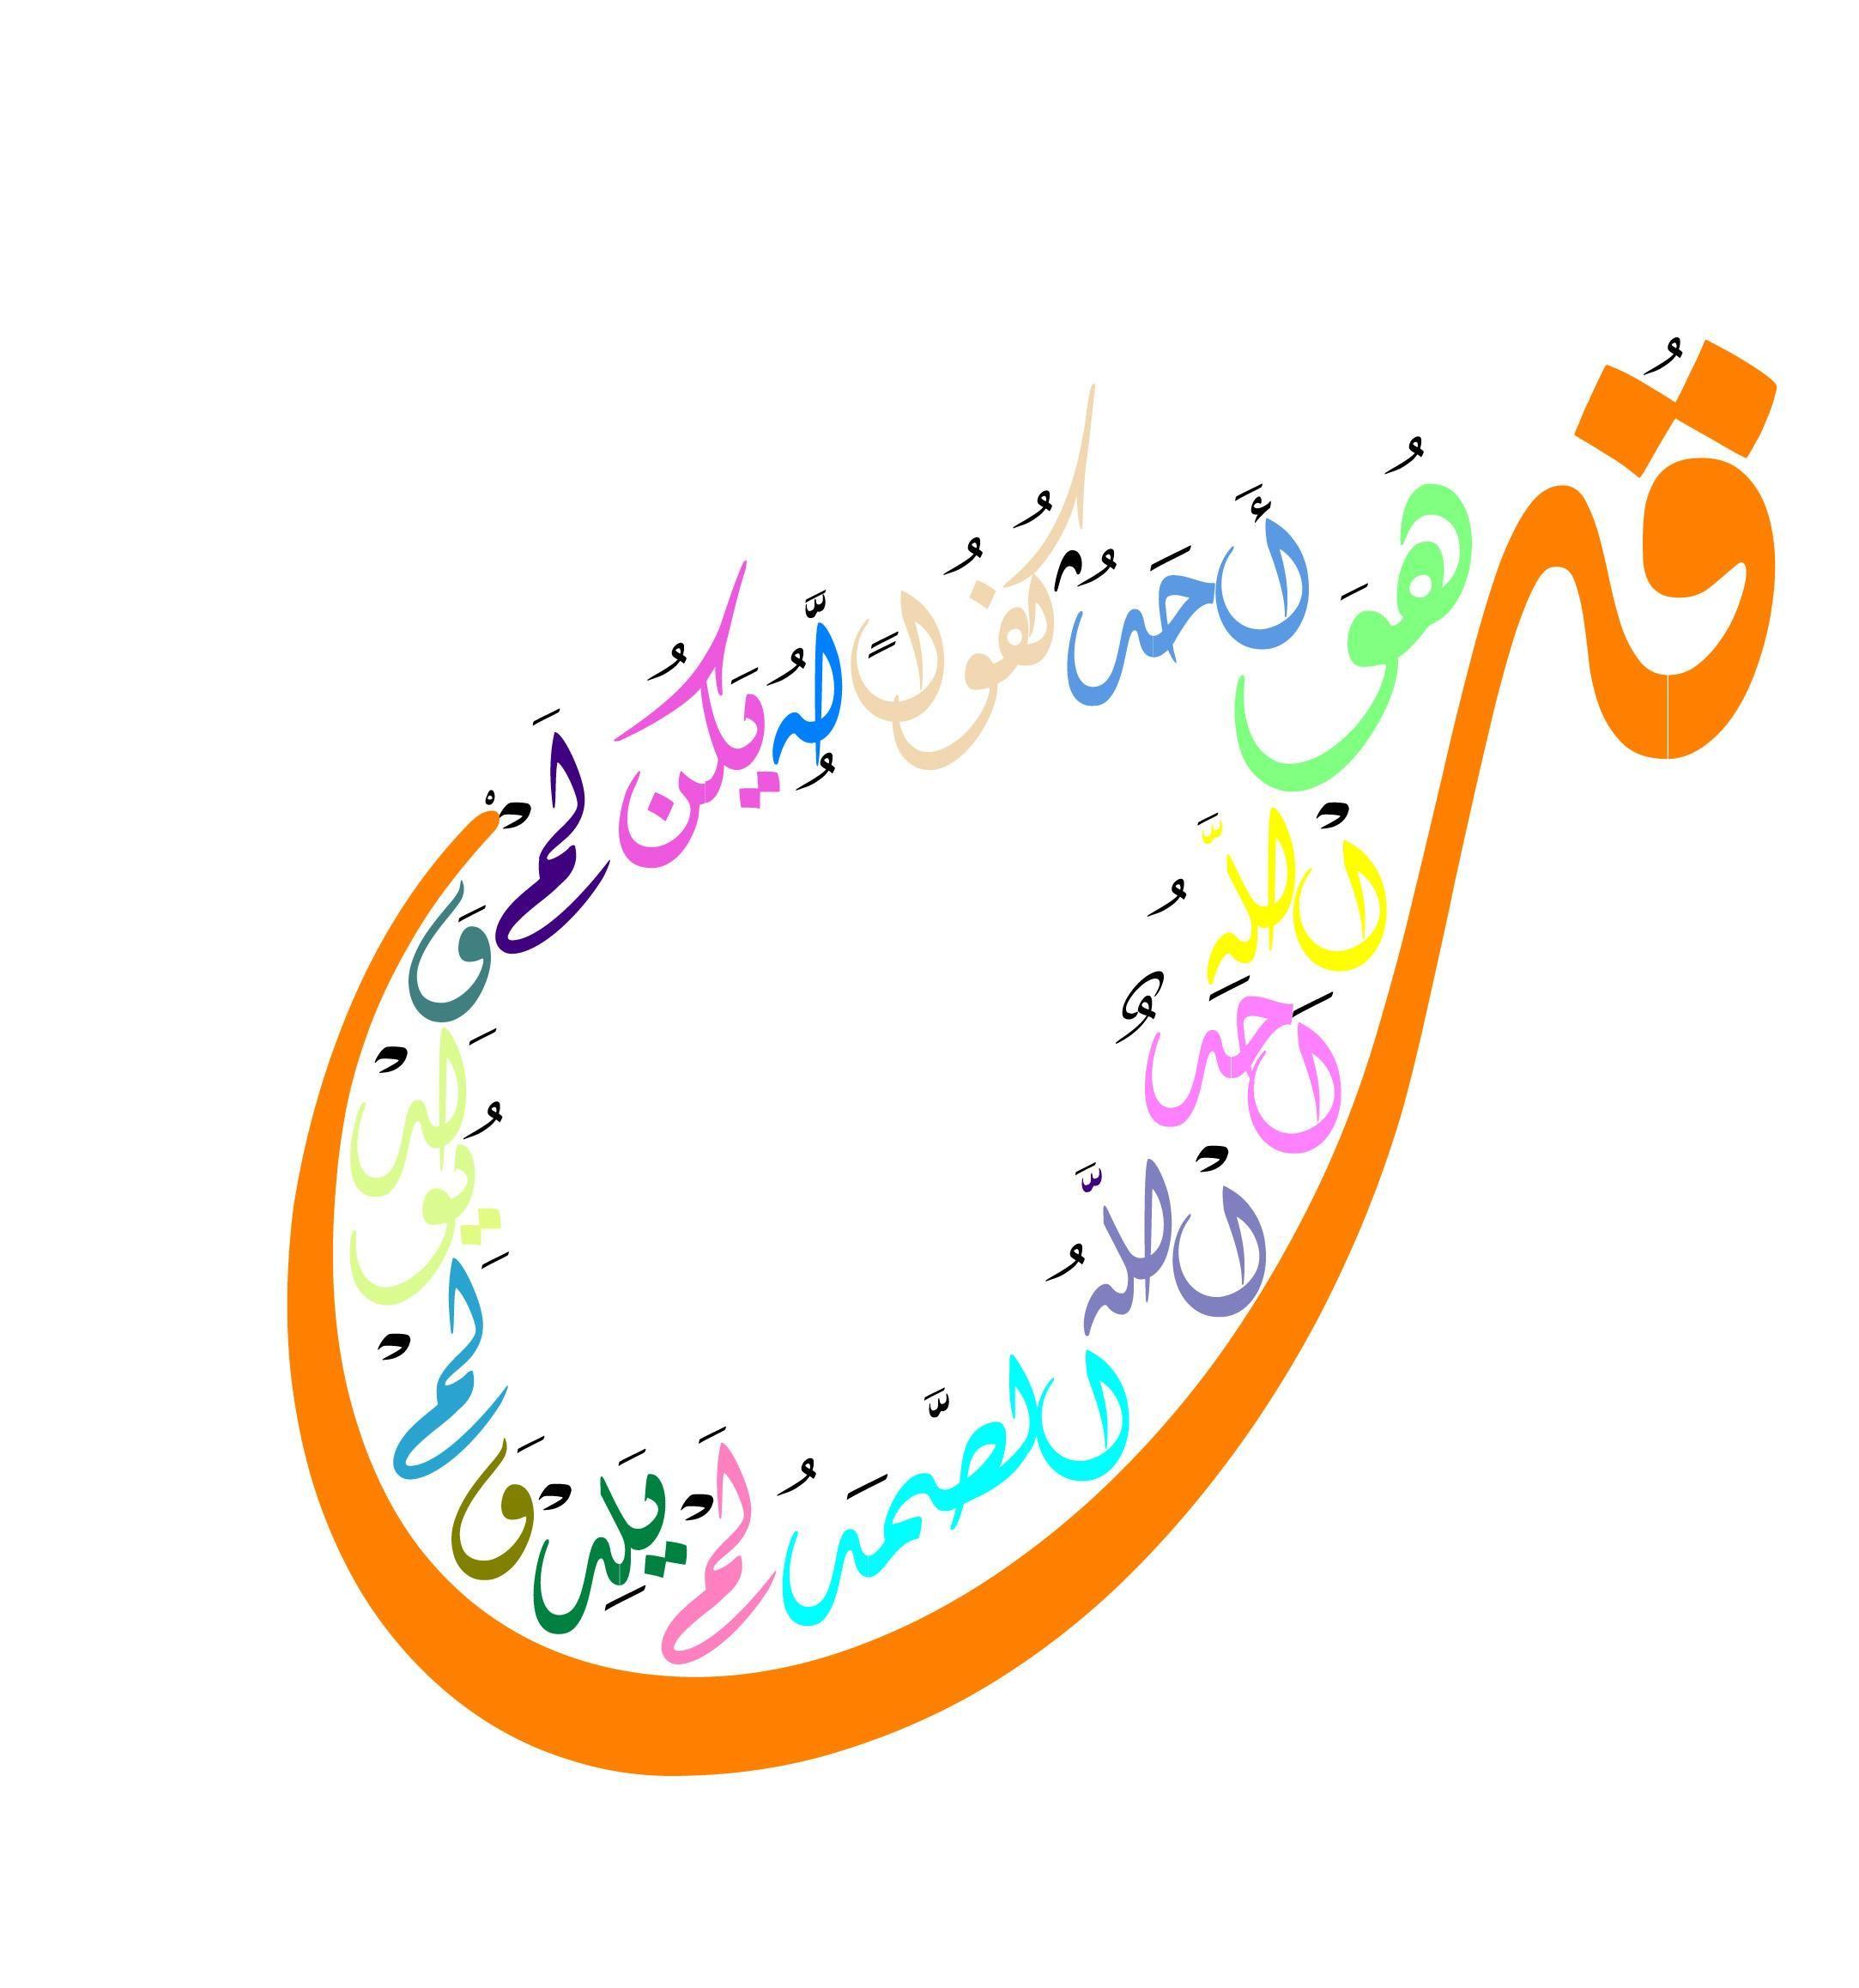 قل هو الله أحد الله الصمد لم يلد ولم يولد ولم يكن له كفوا أحد Islamic Art Calligraphy Islamic Art Islamic Calligraphy